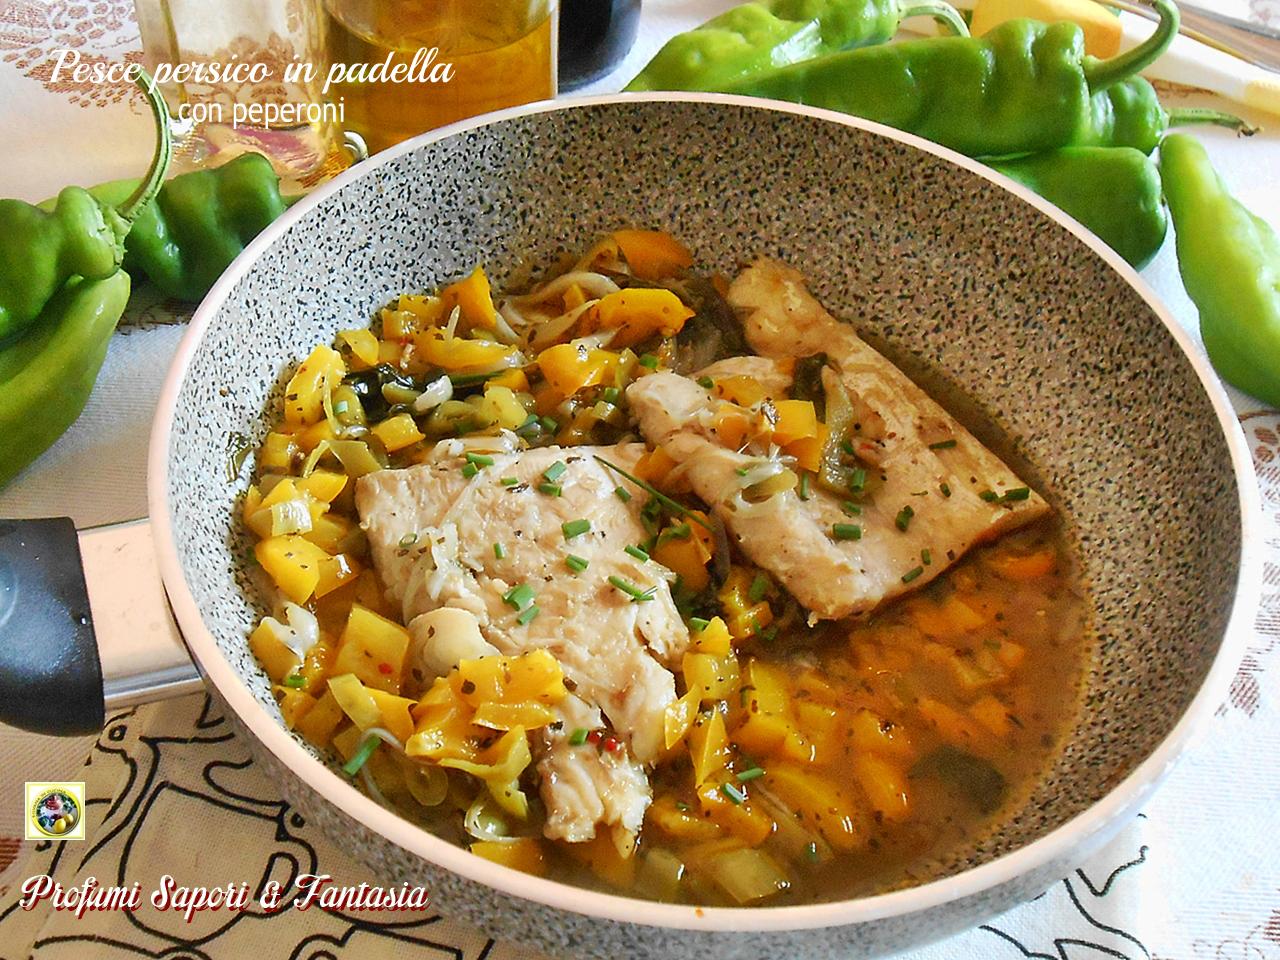 Pesce persico in padella con peperoni ricetta leggera - Cucinare i peperoni ...